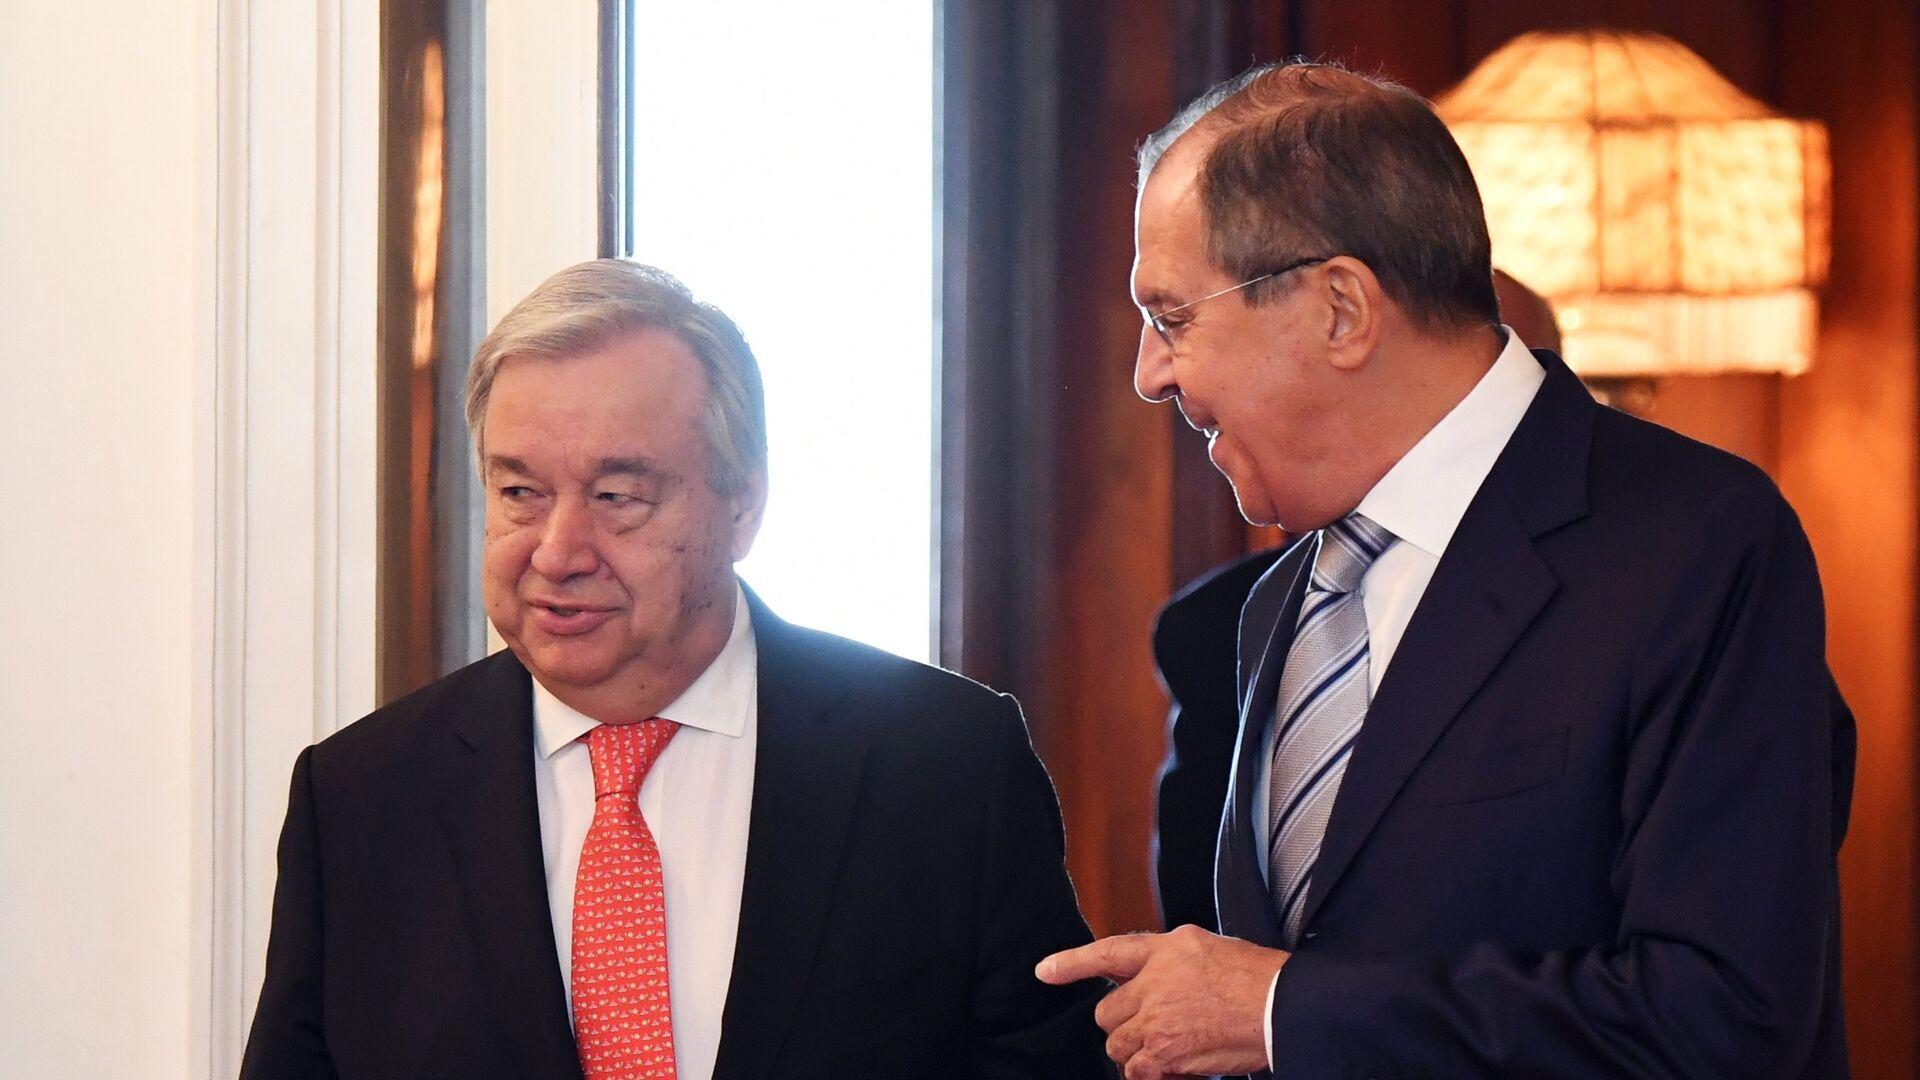 El ministro de Exteriores de Rusia, Serguéi Lavrov, y el secretario general de la ONU, Antonio Guterres - Sputnik Mundo, 1920, 25.09.2021